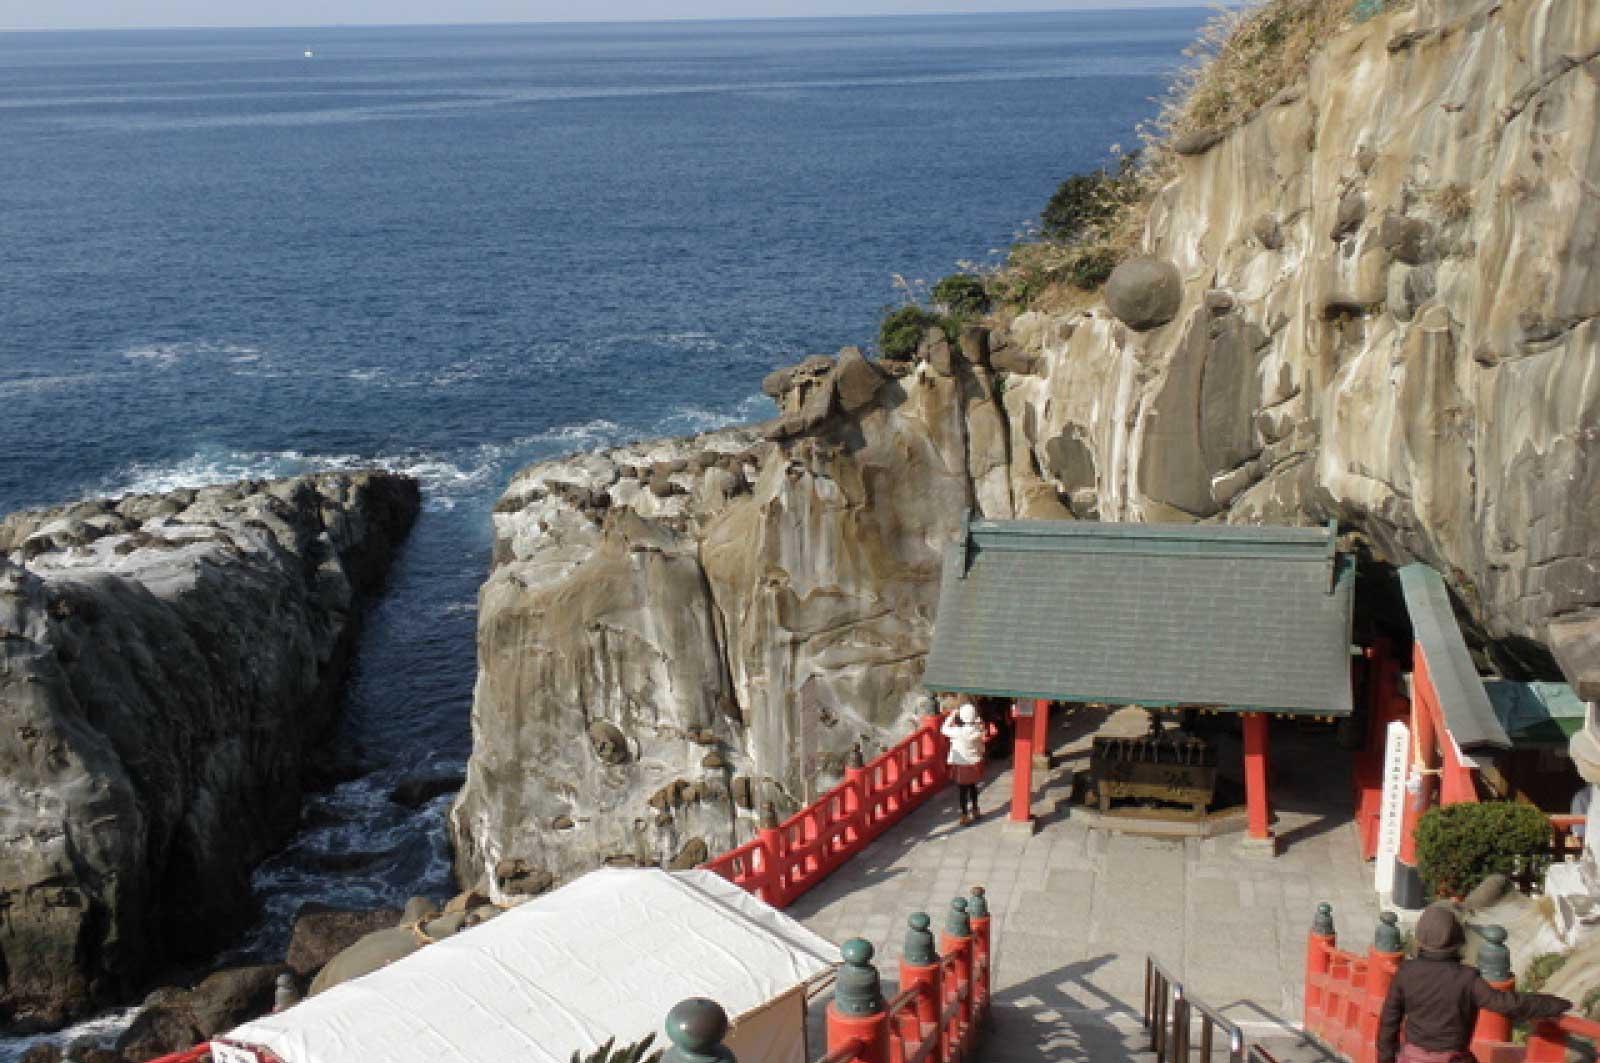 鵜戸崎岬に建つ神社